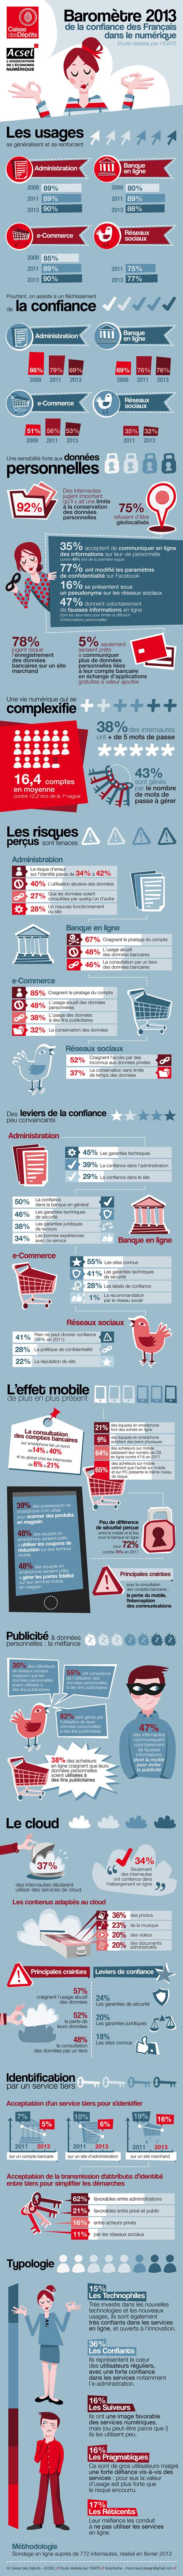 La confiance des français dans le numérique